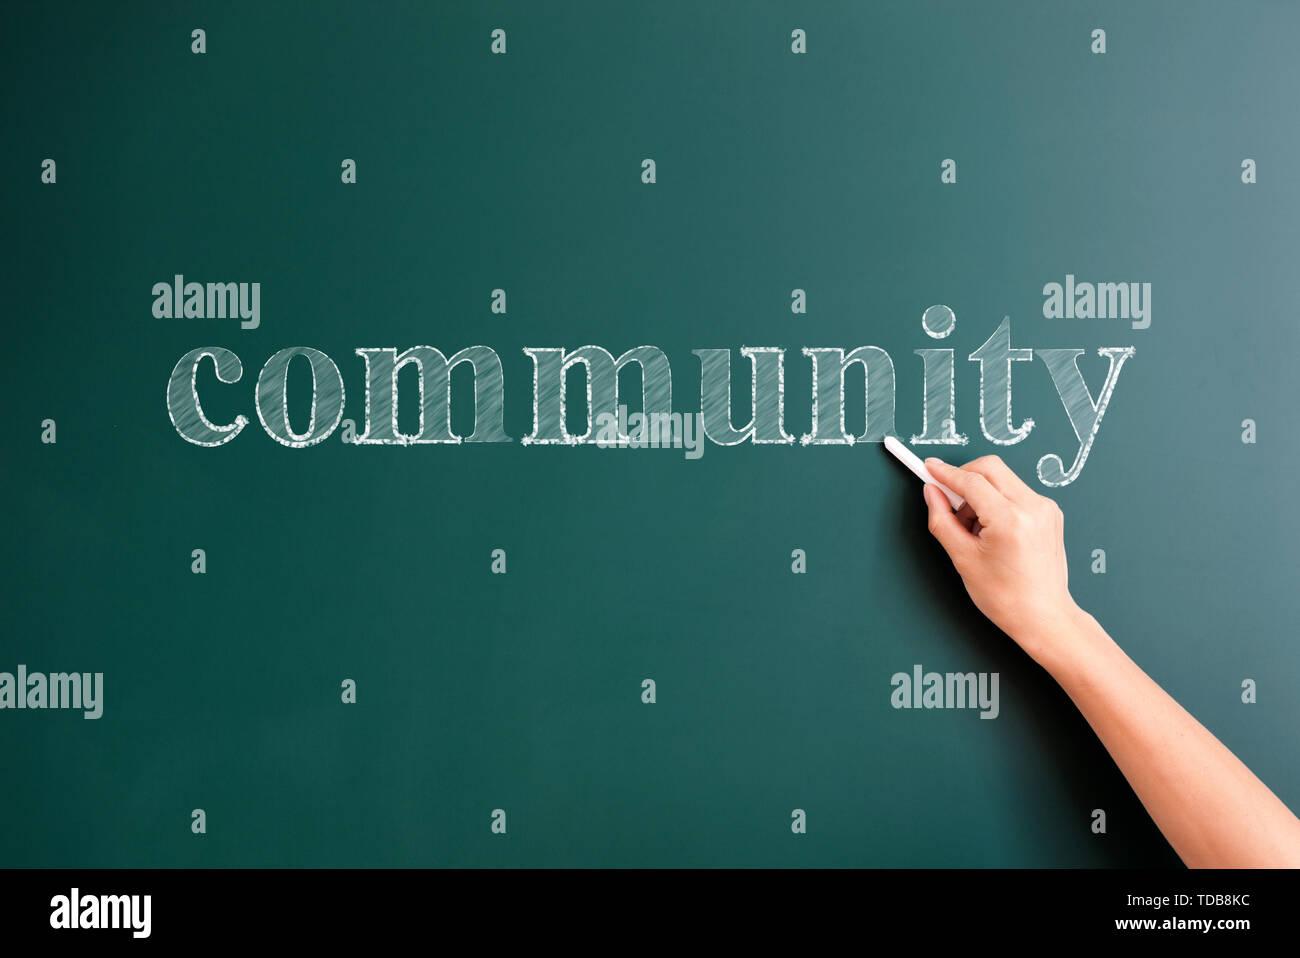 community written on blackboard - Stock Image